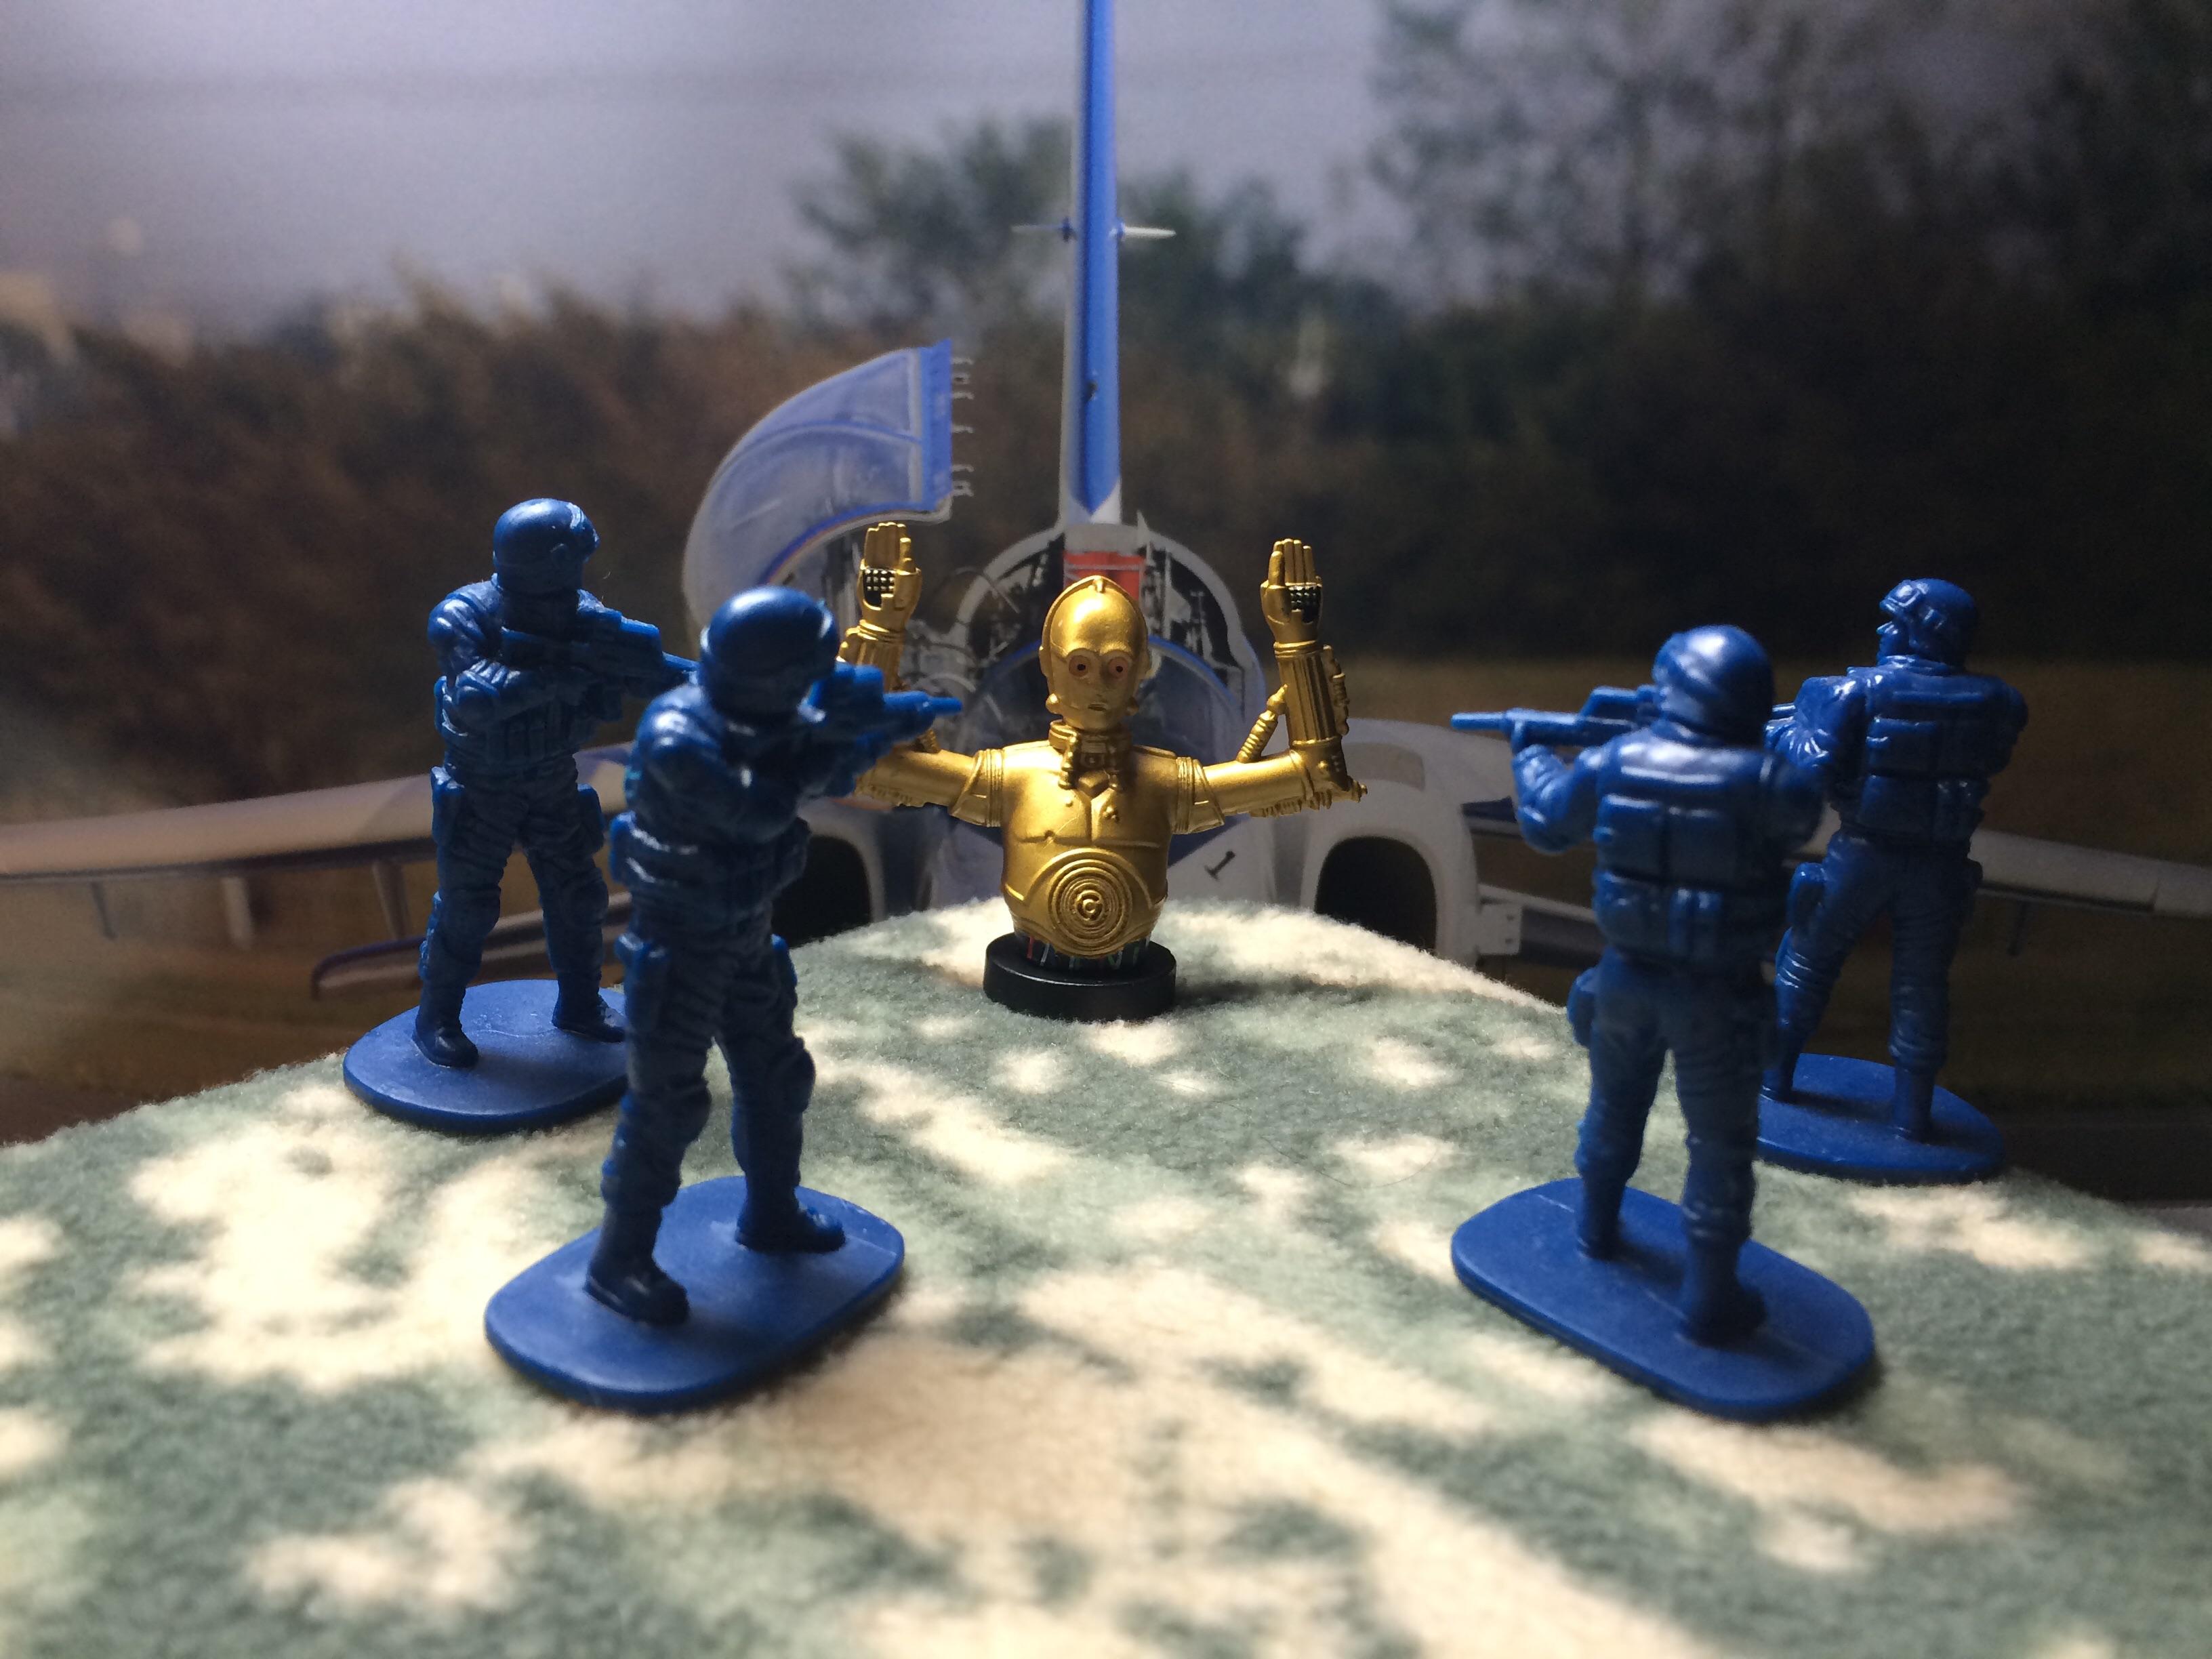 ブルーアーミーに包囲されるC-3PO 背景にはブルーインパルス